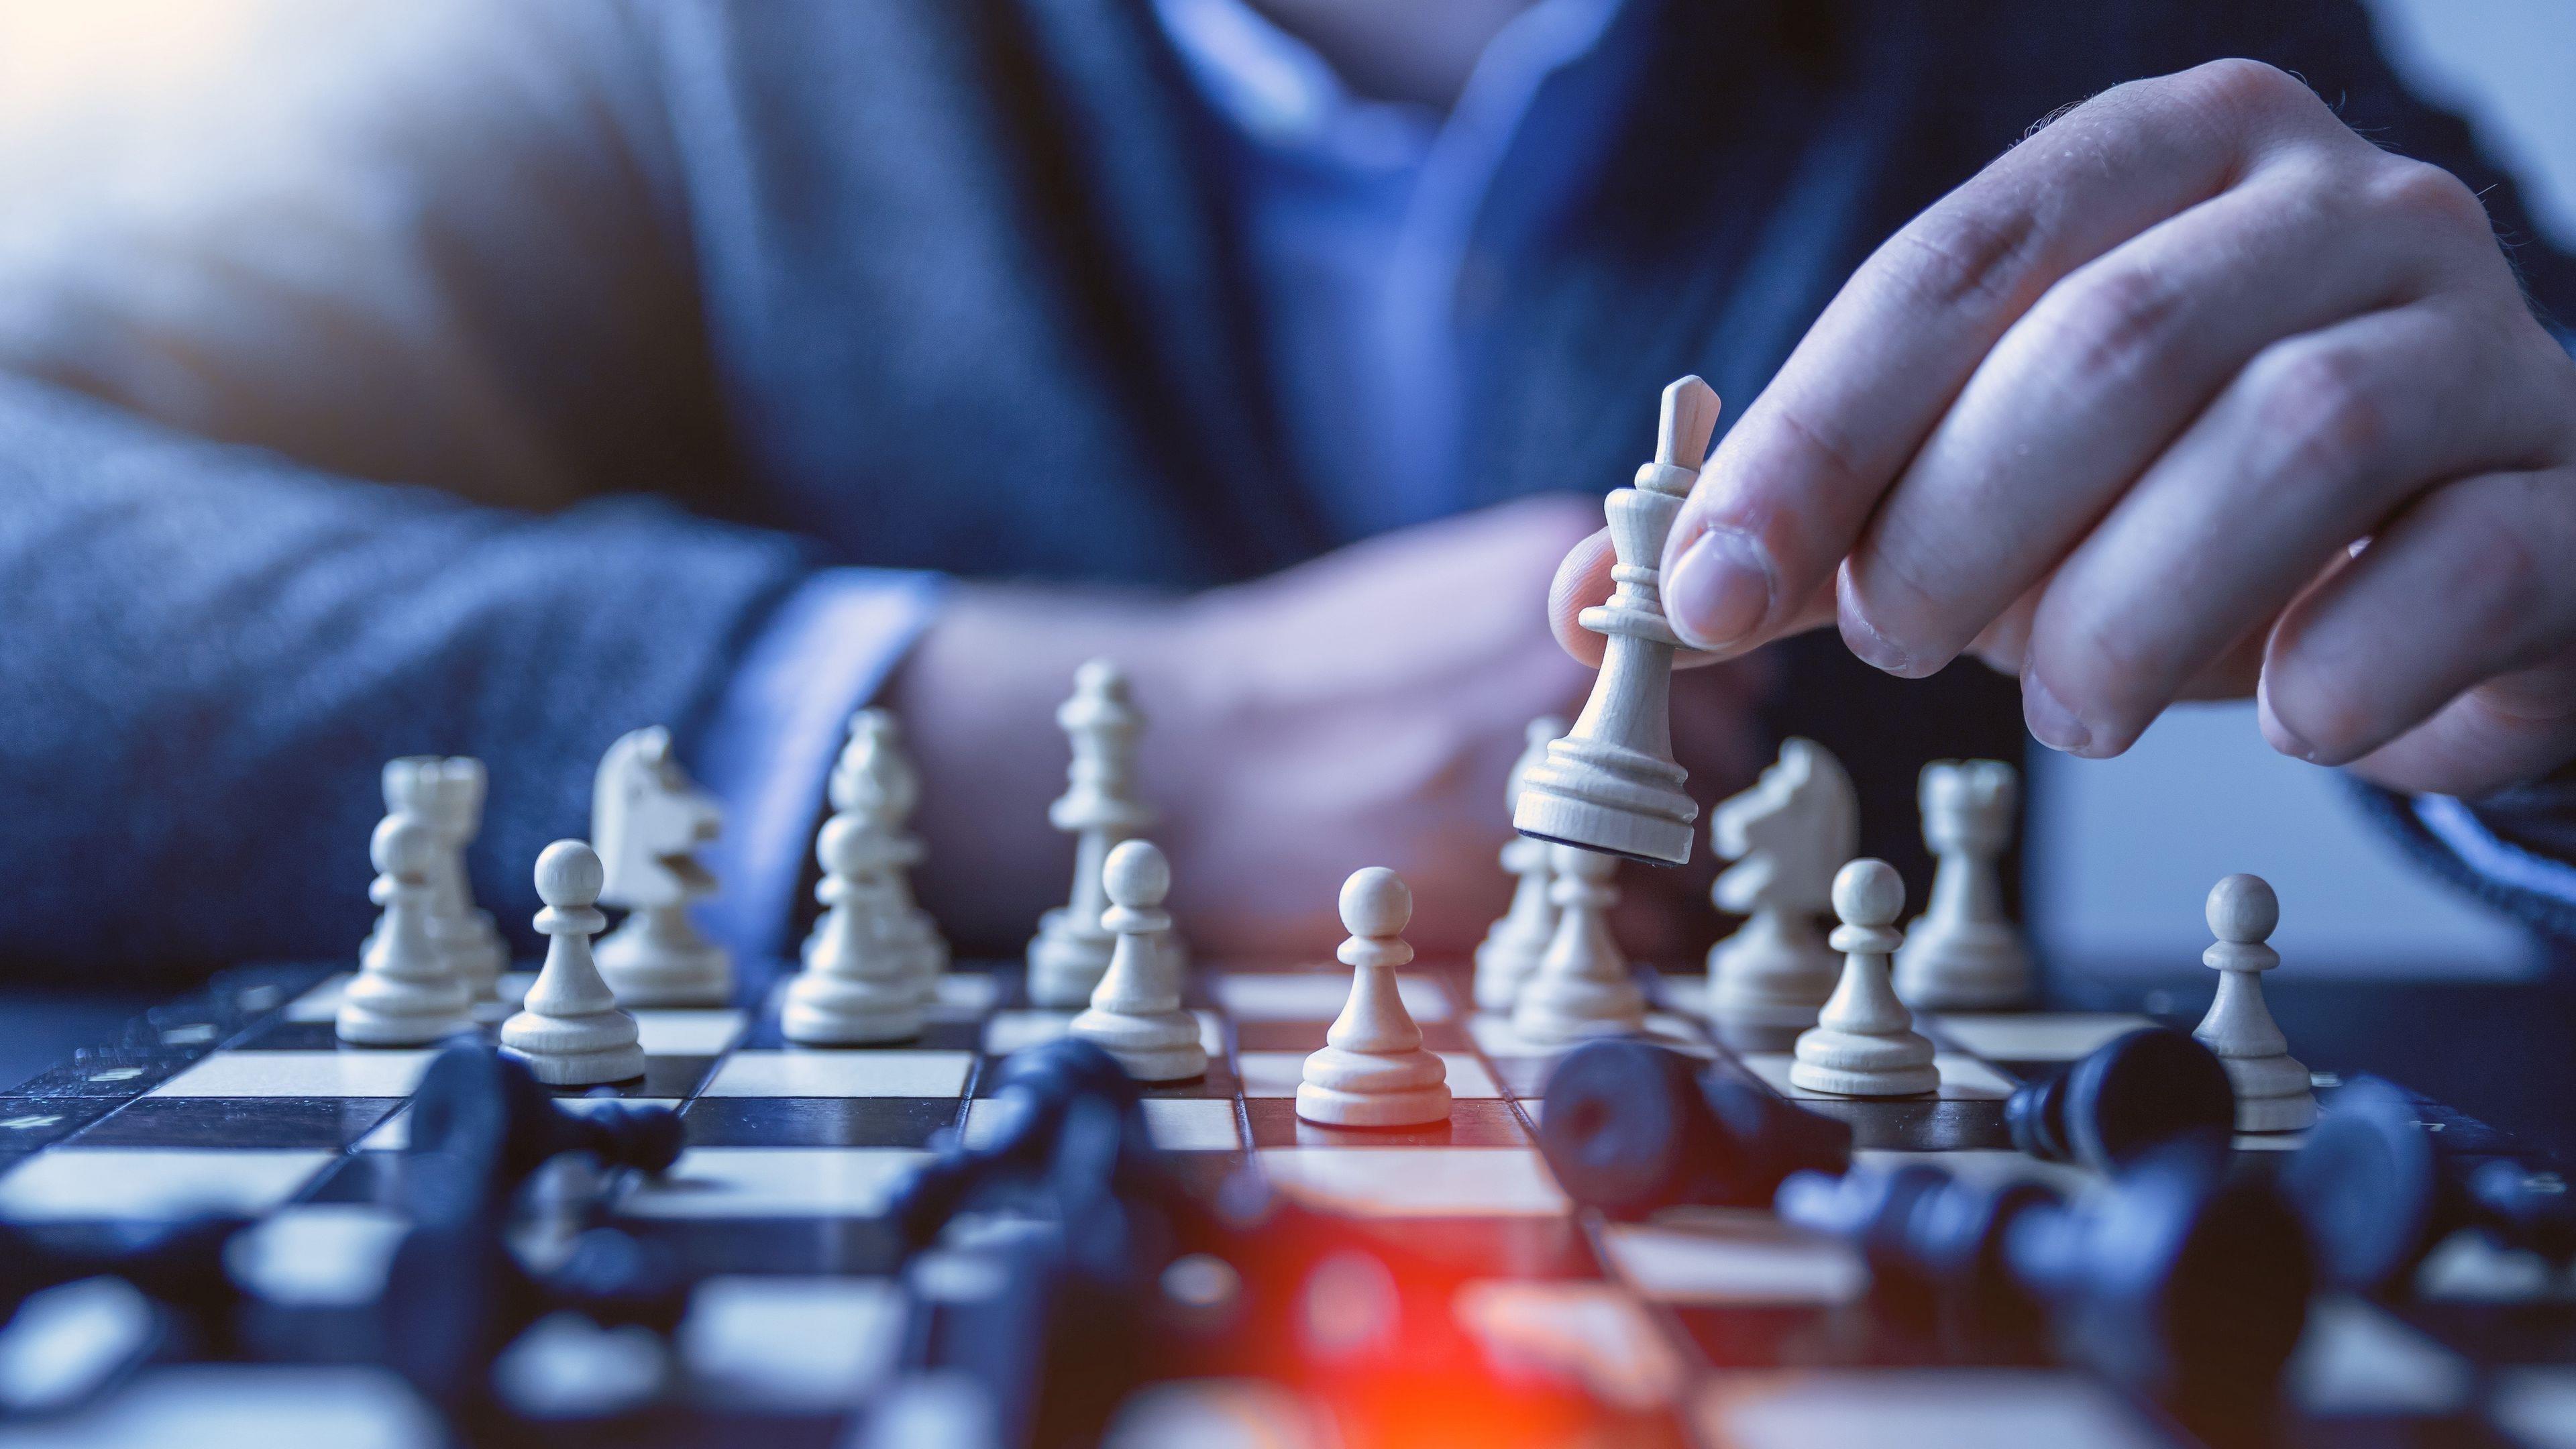 Шахматная пешка королева тактика обои скачать